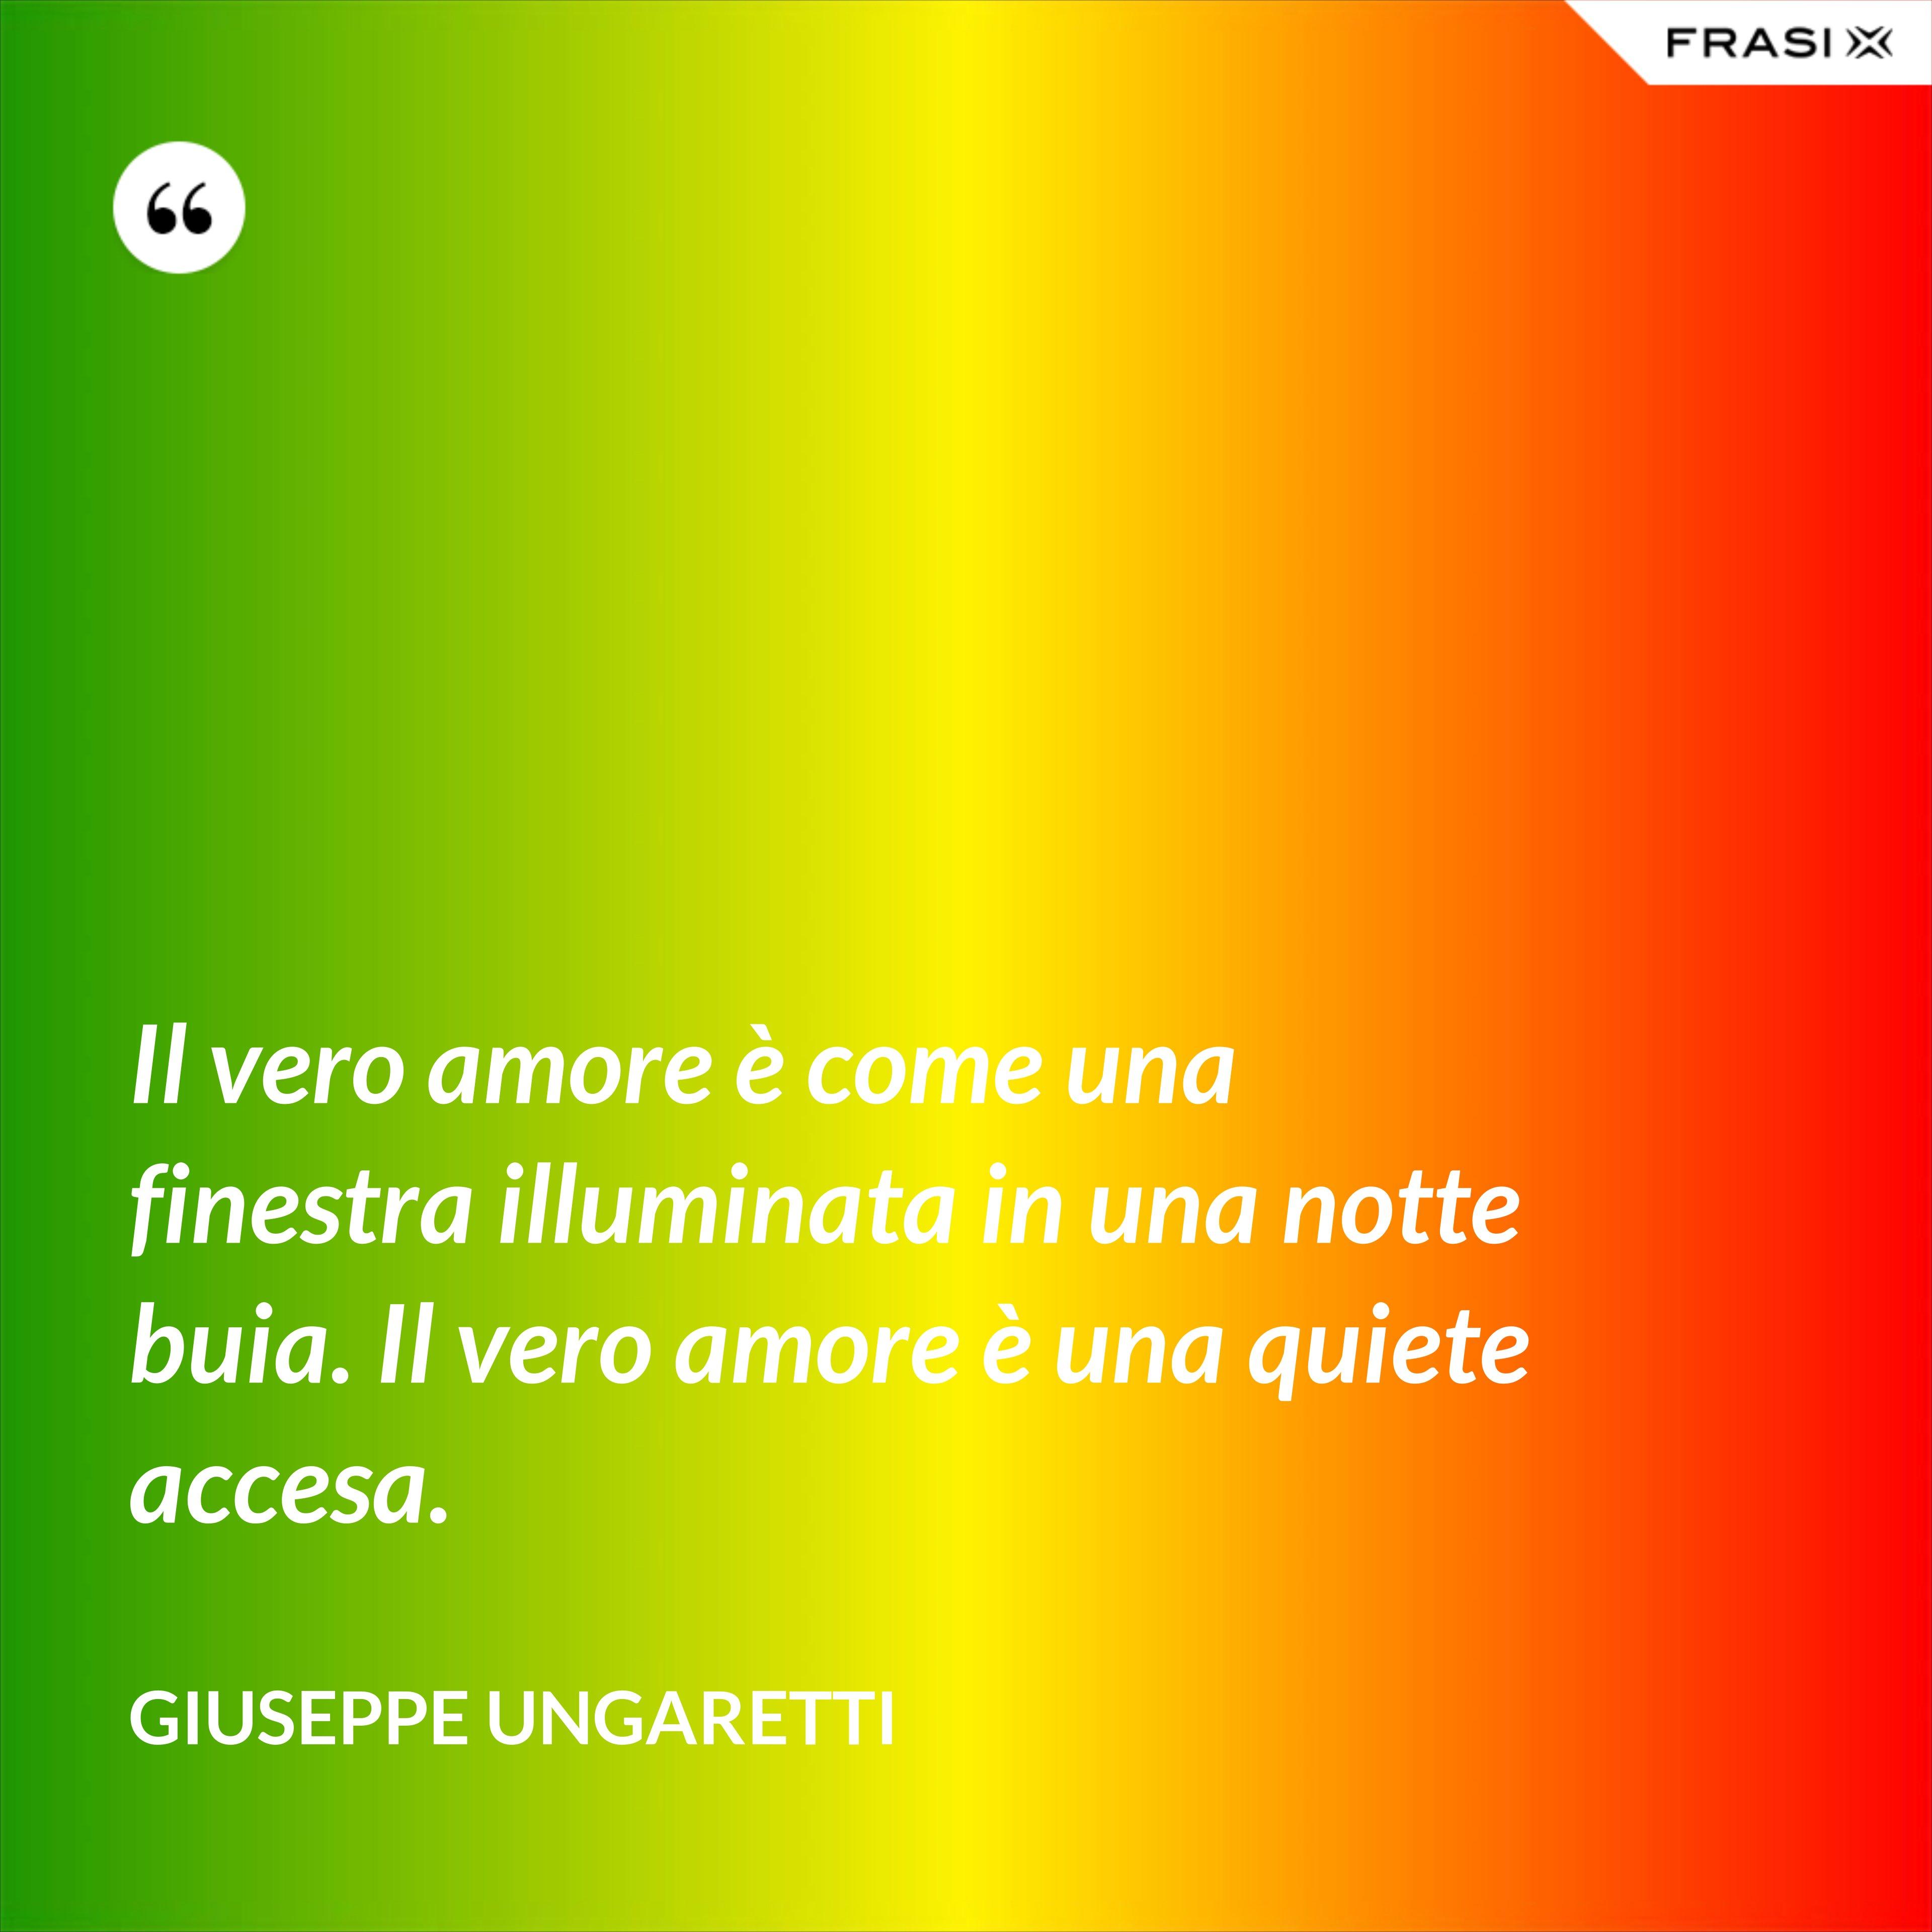 Il vero amore è come una finestra illuminata in una notte buia. Il vero amore è una quiete accesa. - Giuseppe Ungaretti